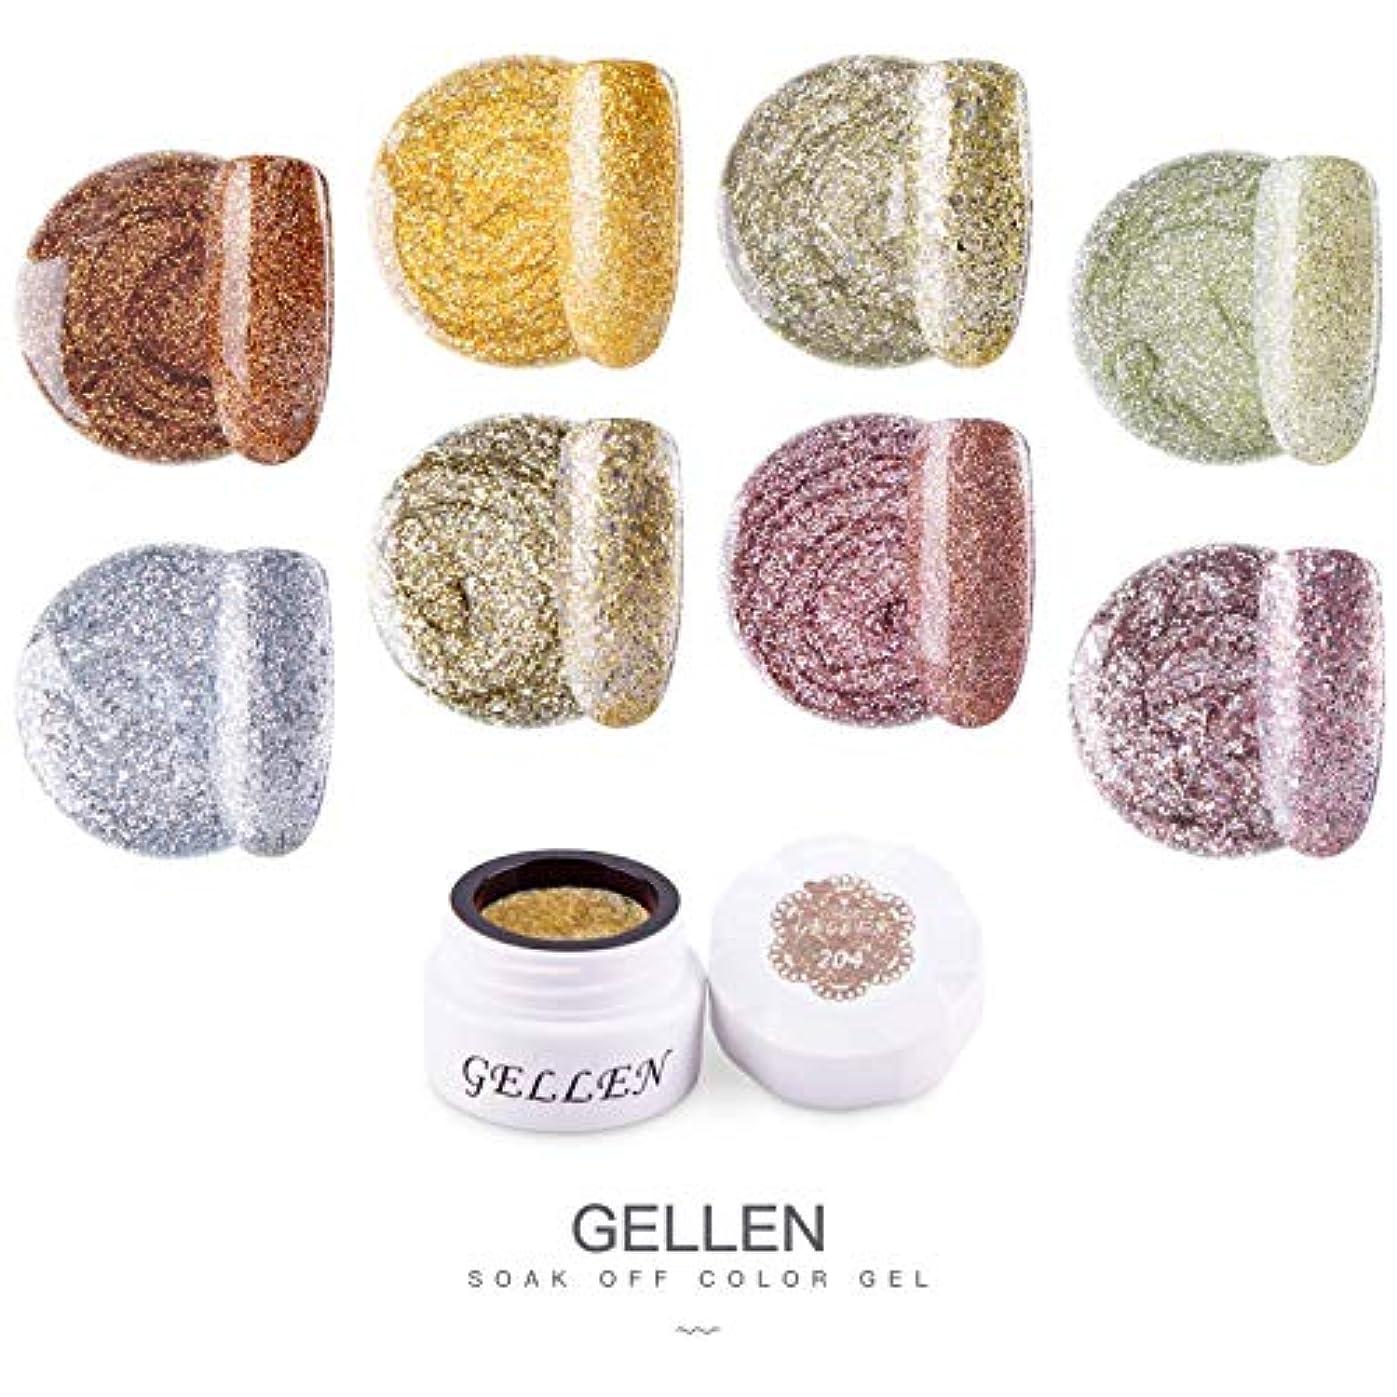 ホスト比率推測Gellen カラージェル 8色 セット[ラメゴールド]高品質 5g ジェルネイル カラー ネイルブラシ付き